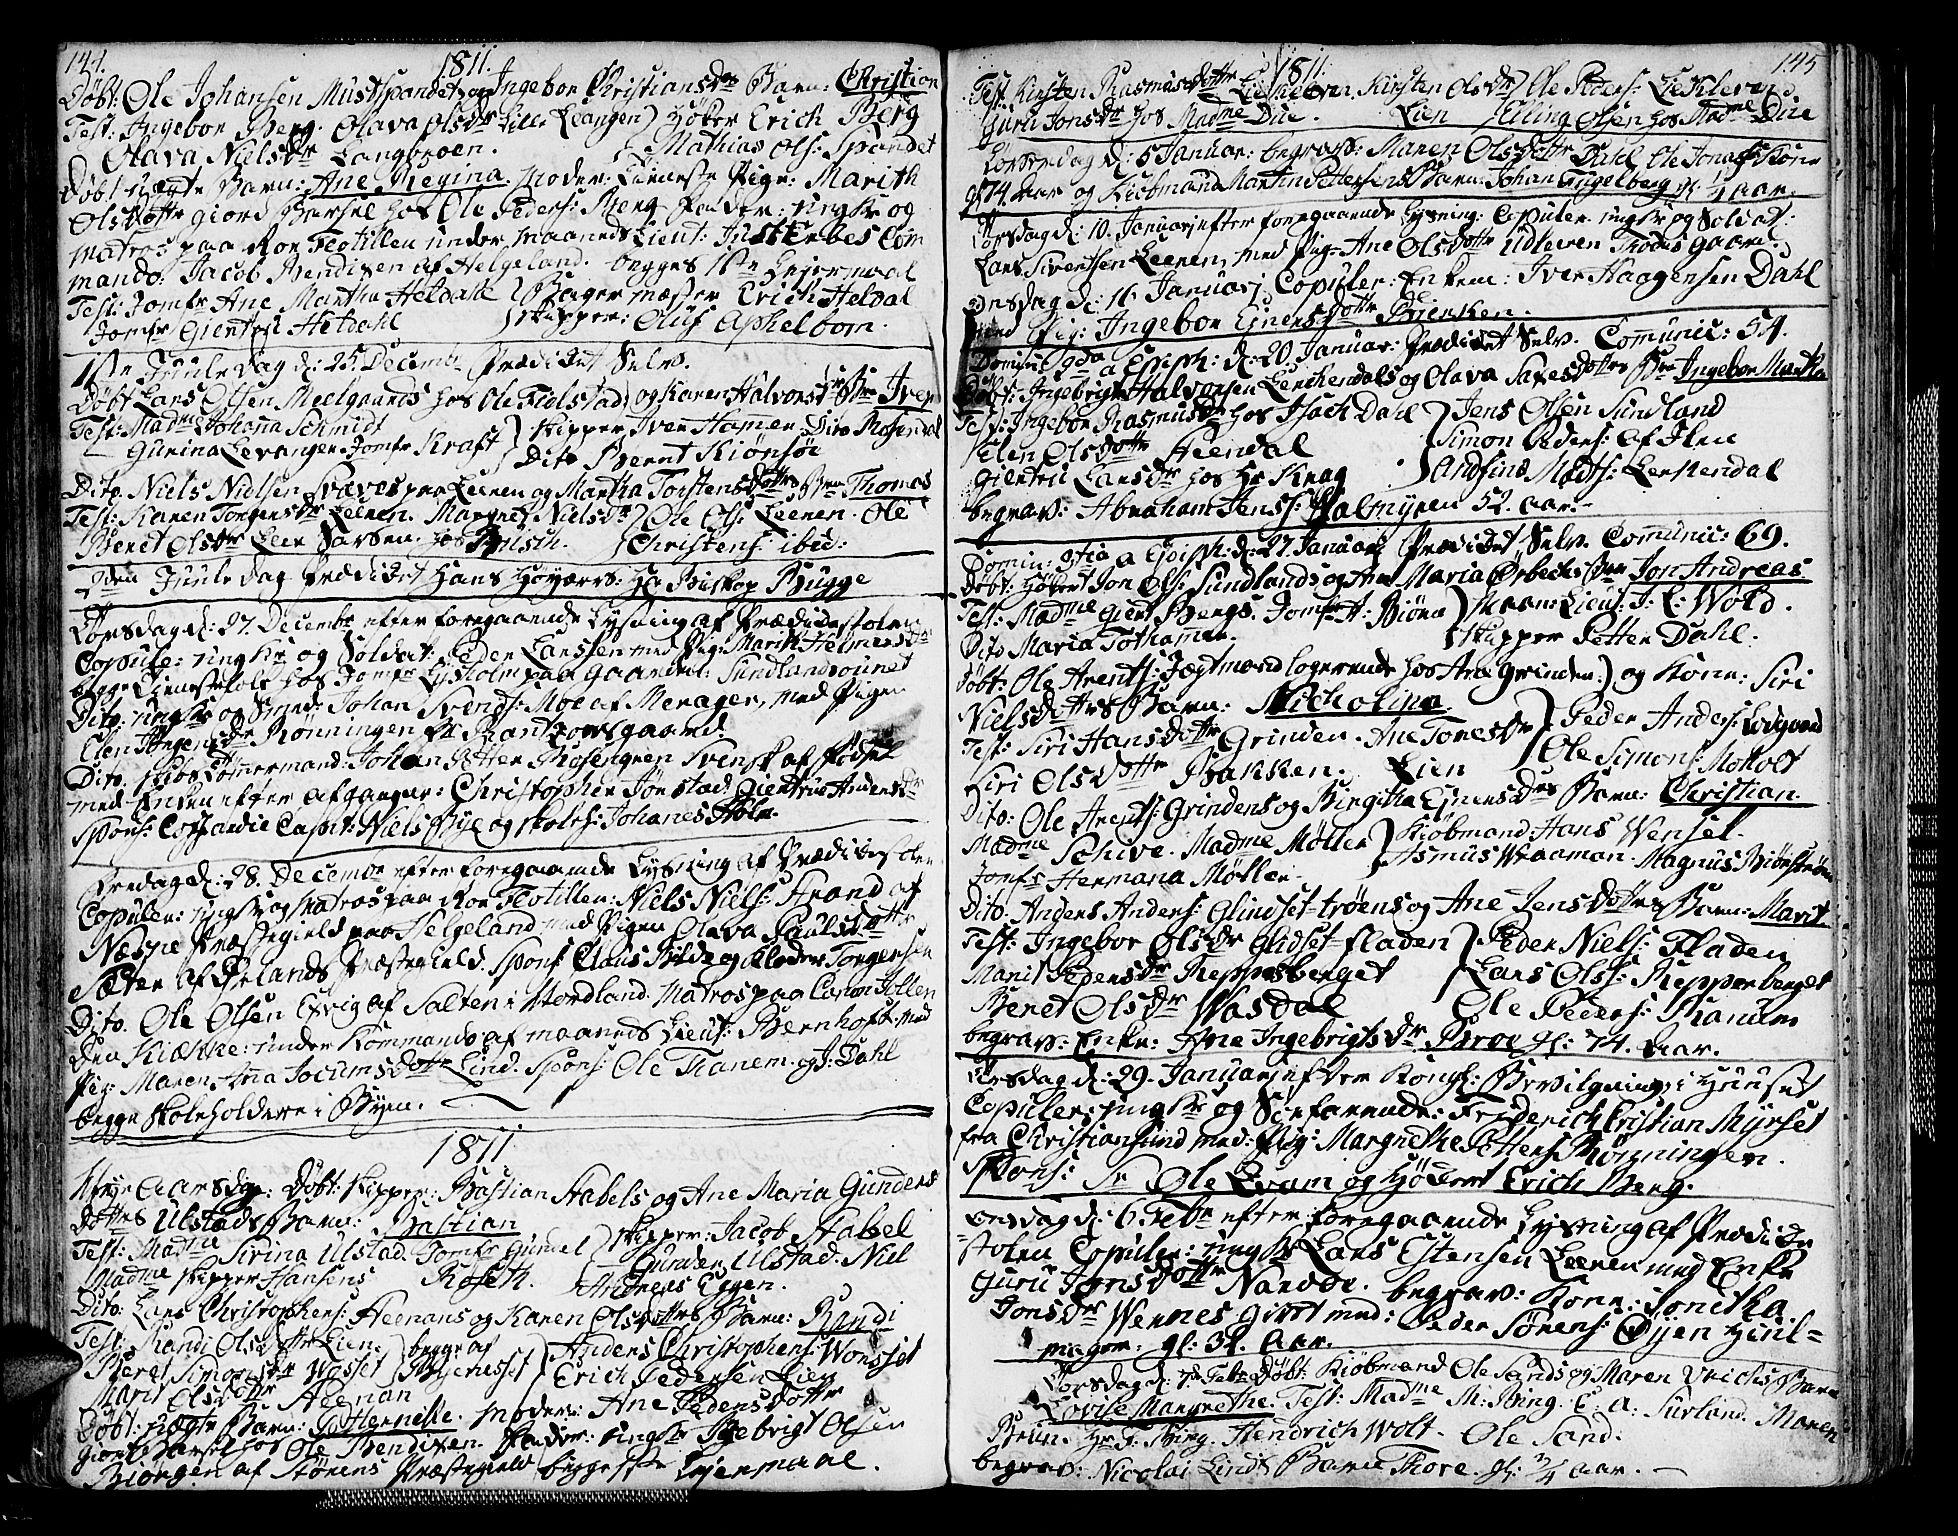 SAT, Ministerialprotokoller, klokkerbøker og fødselsregistre - Sør-Trøndelag, 604/L0181: Ministerialbok nr. 604A02, 1798-1817, s. 144-145